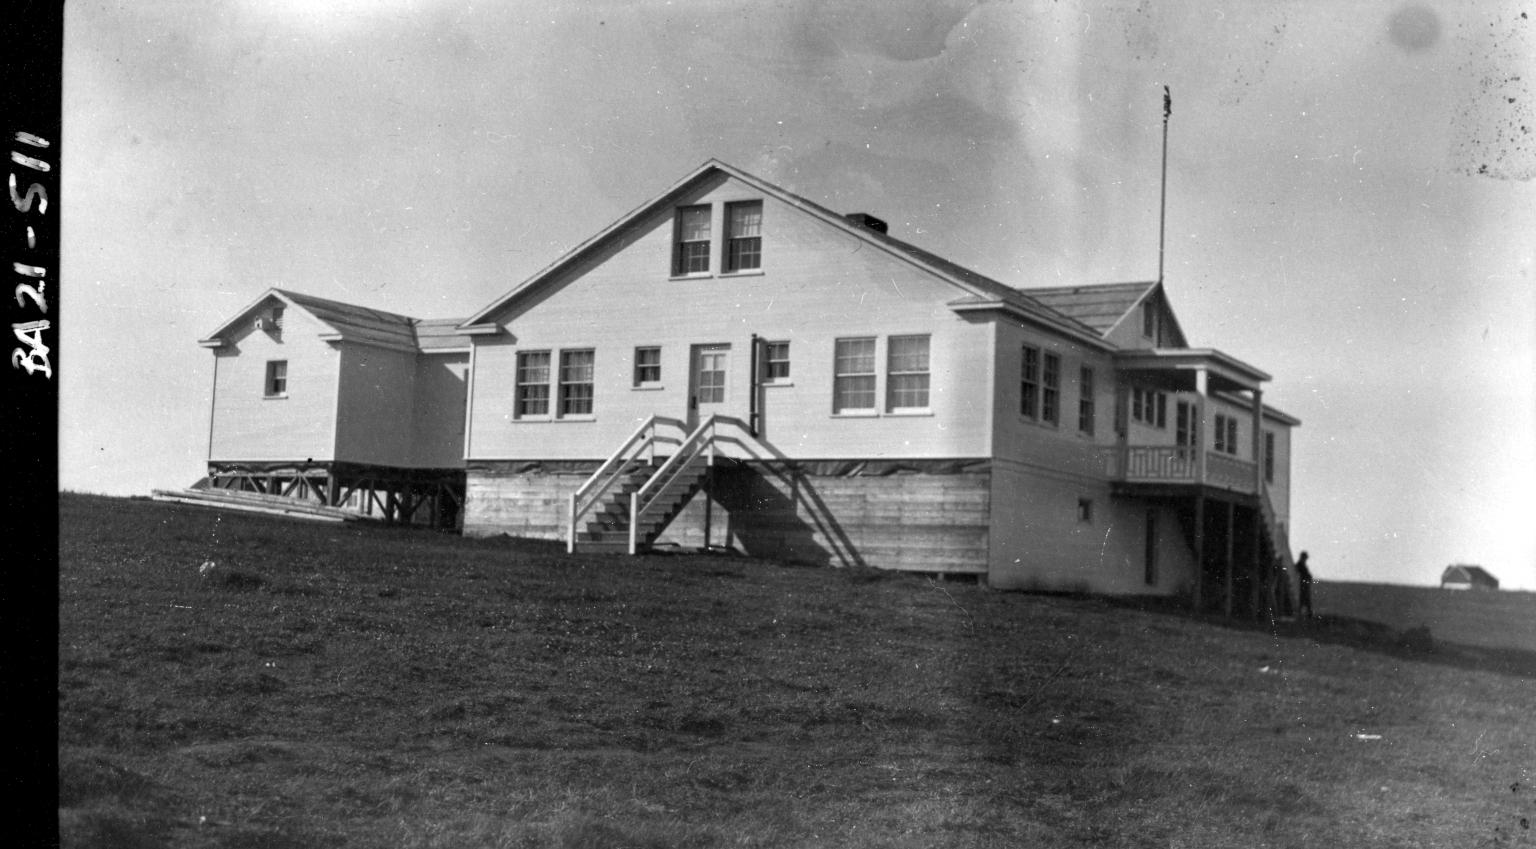 Building in Barrow